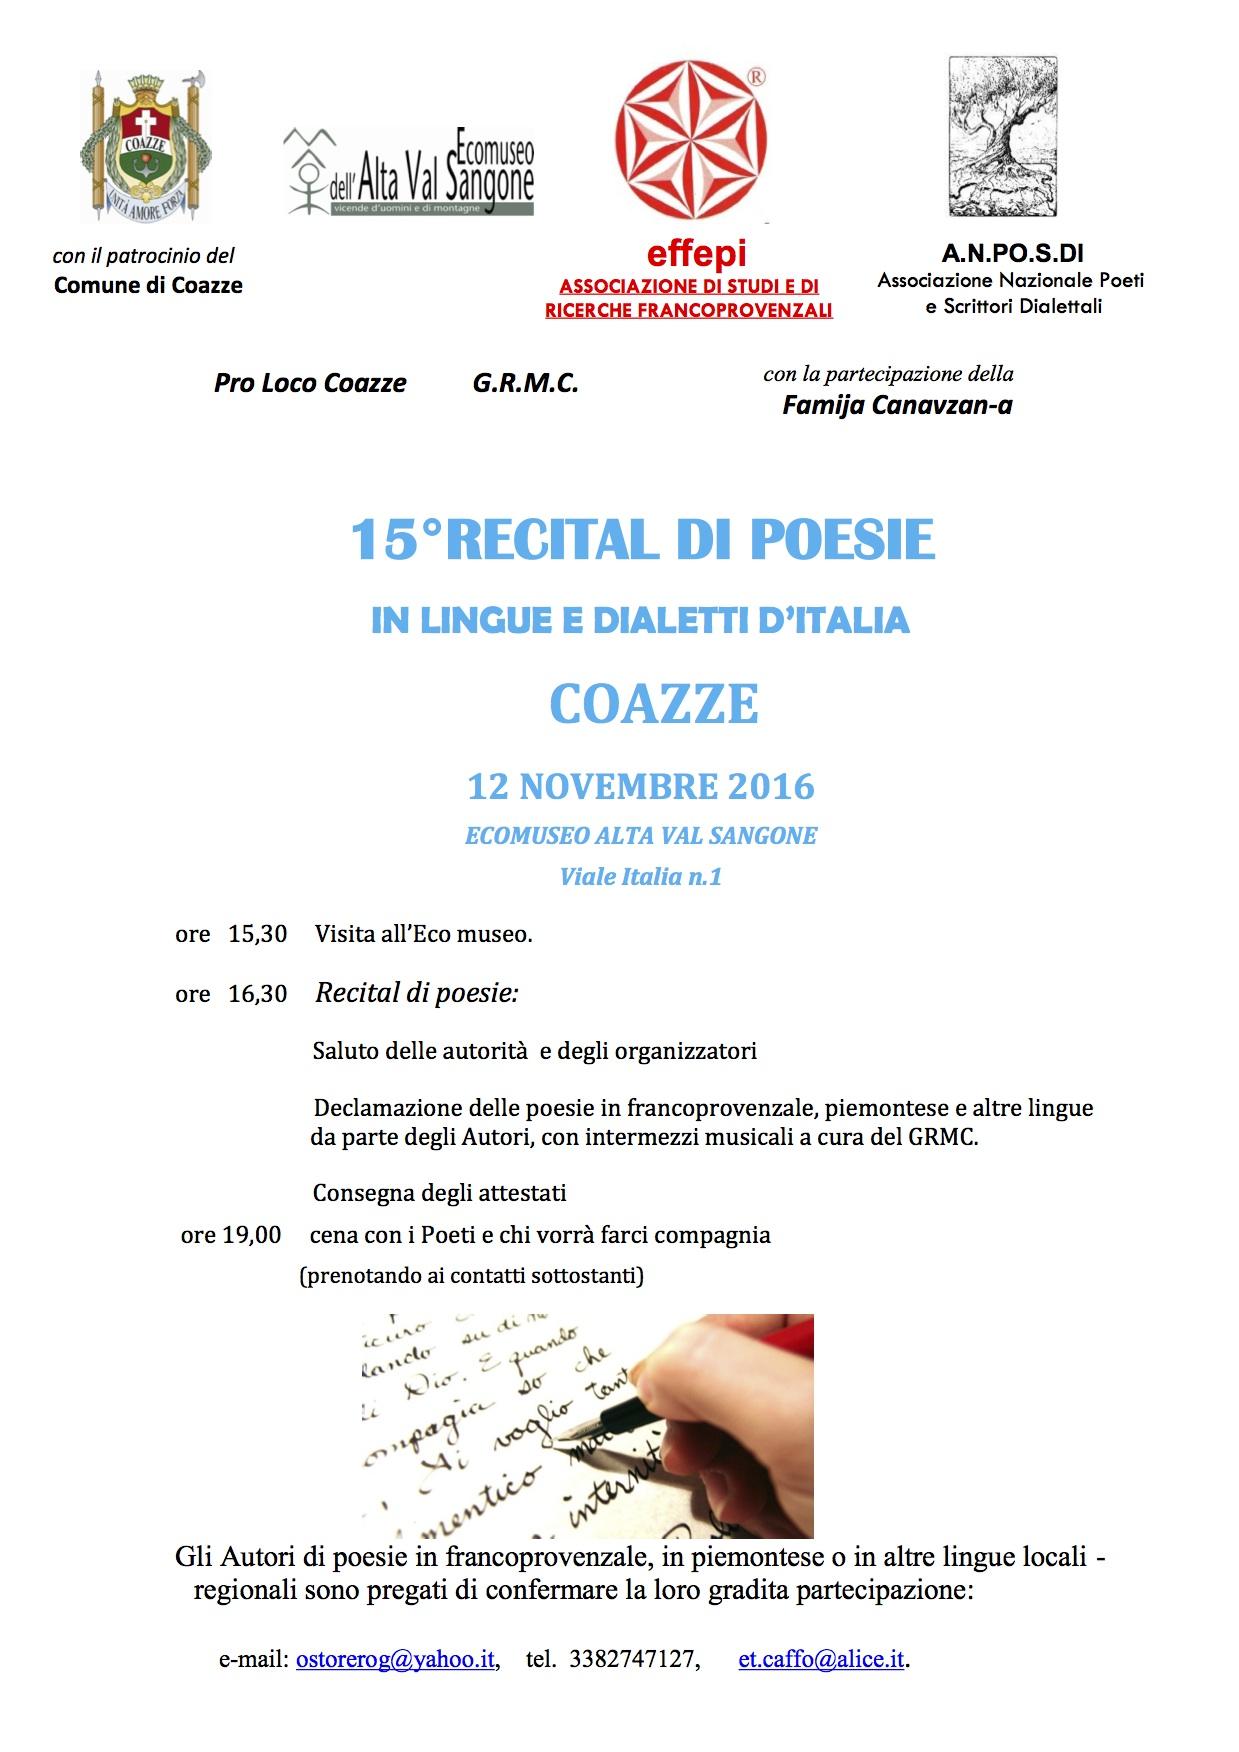 15°RECITAL DI POESIE IN LINGUE E DIALETTI D'ITALIA  COAZZE 12 NOVEMBRE 2016